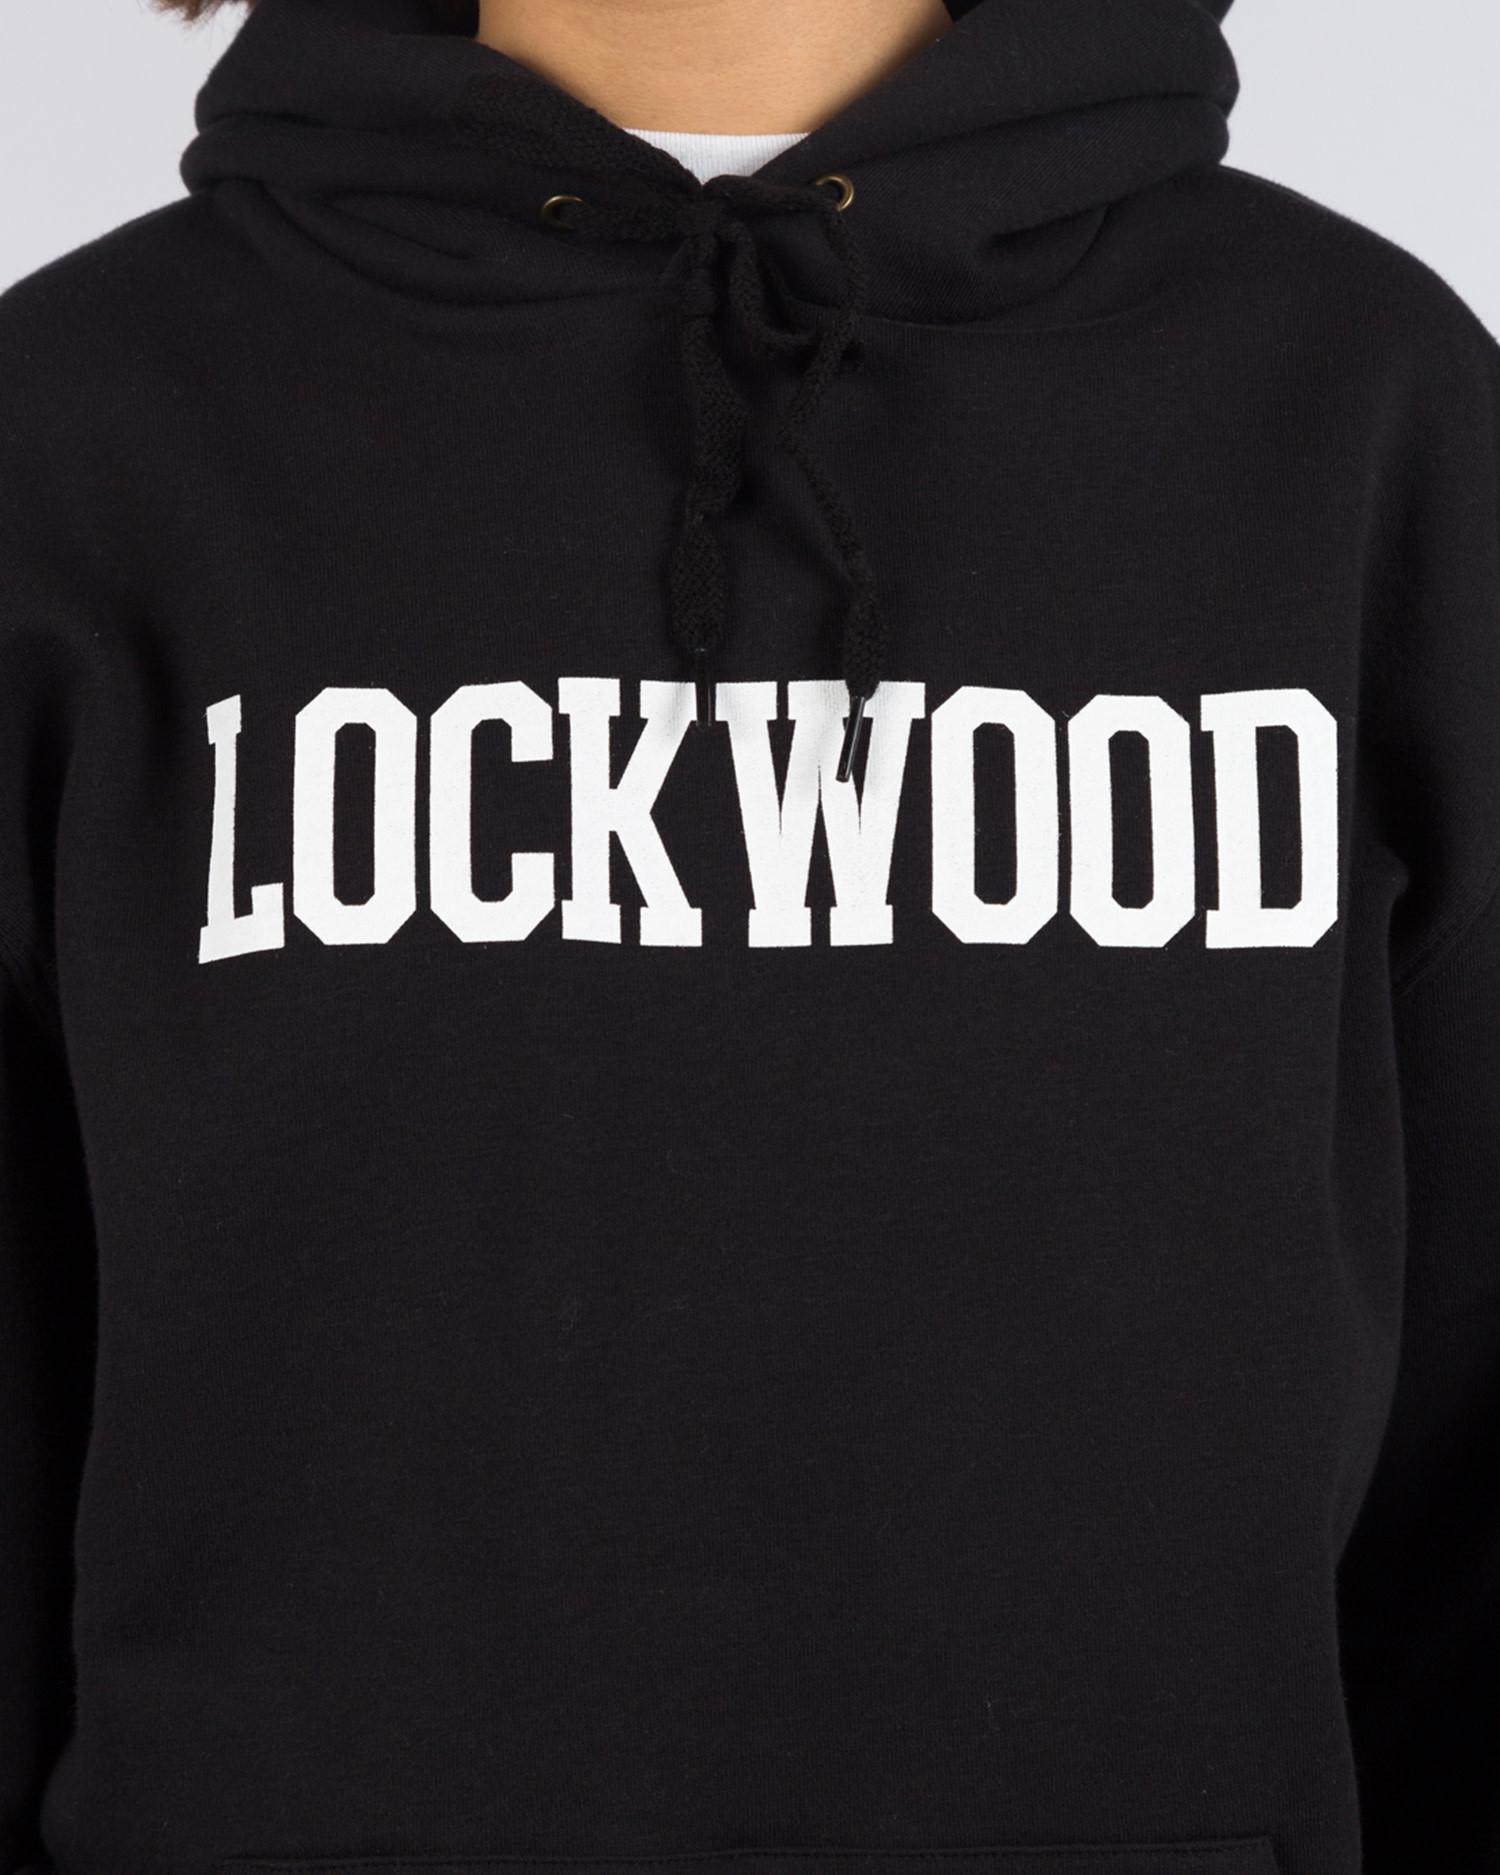 Lockwood OG Varsity Hoodie Black/White